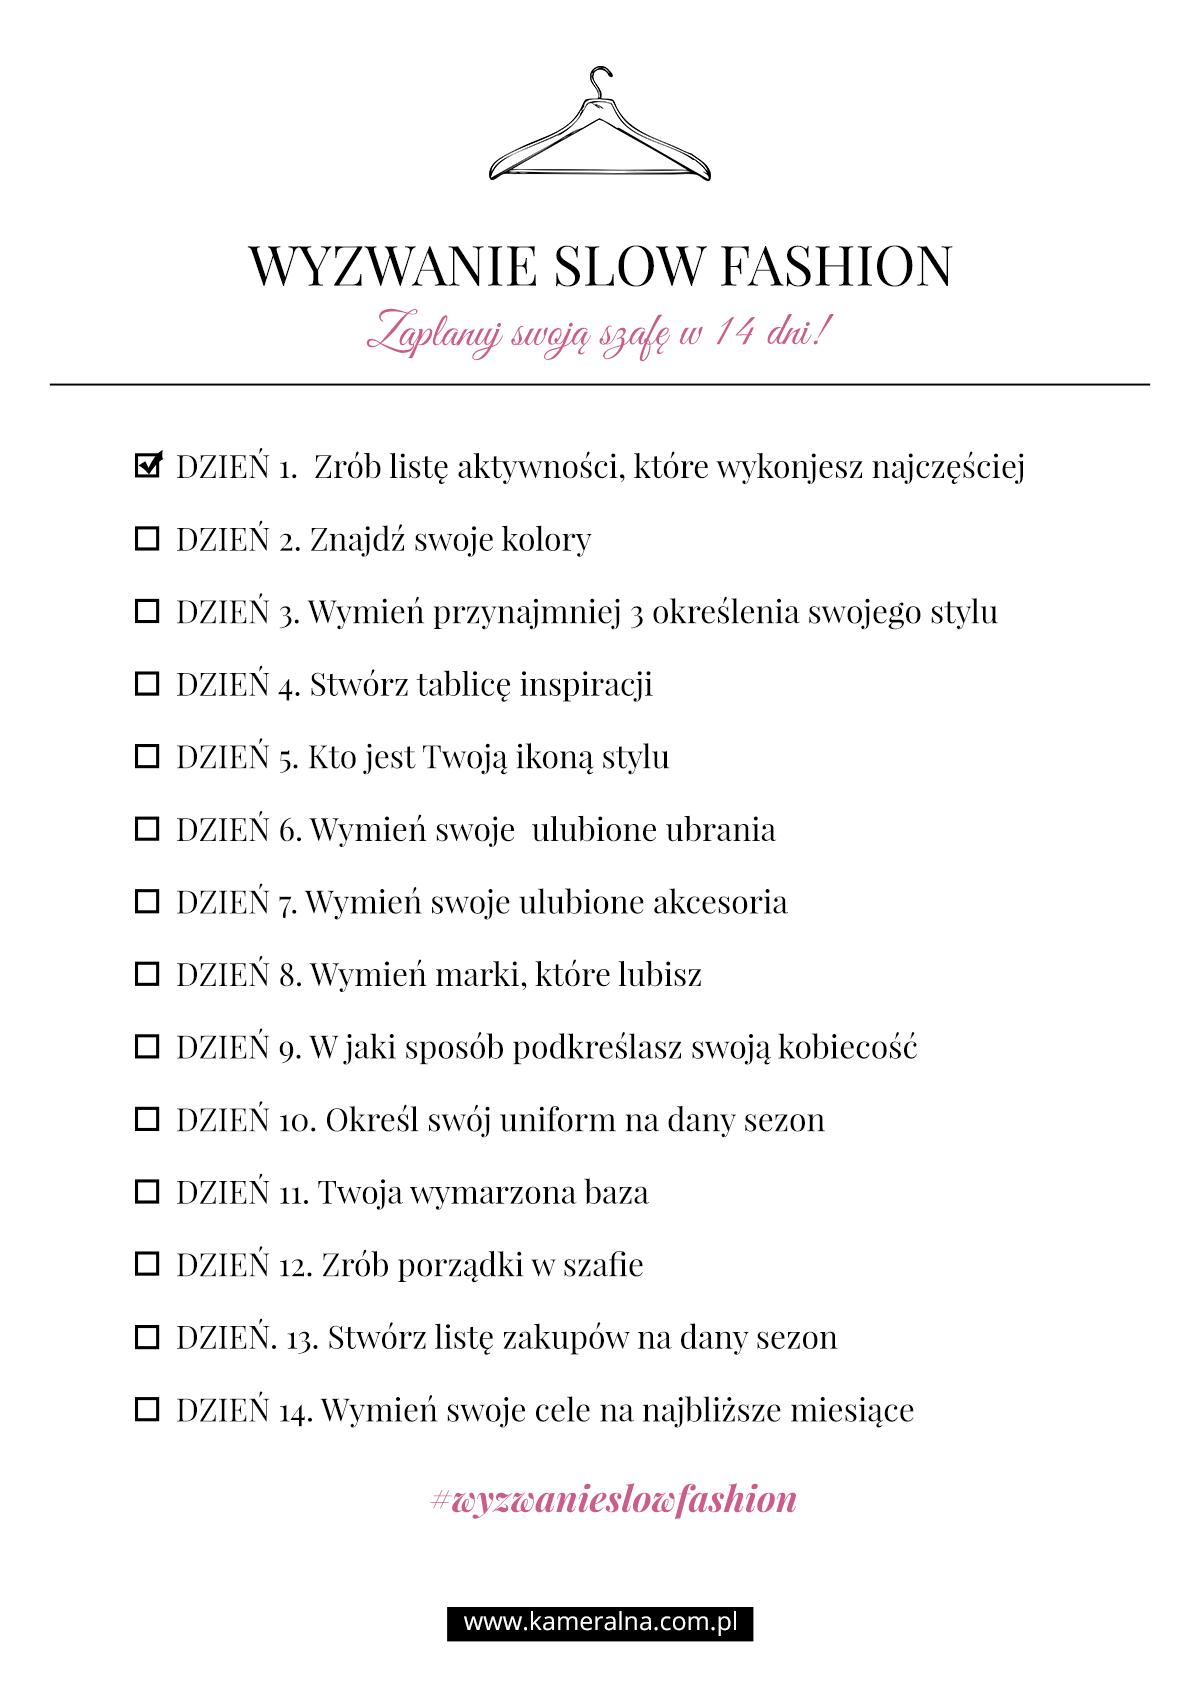 wyzwanie-slow-fashion-lista-zadan